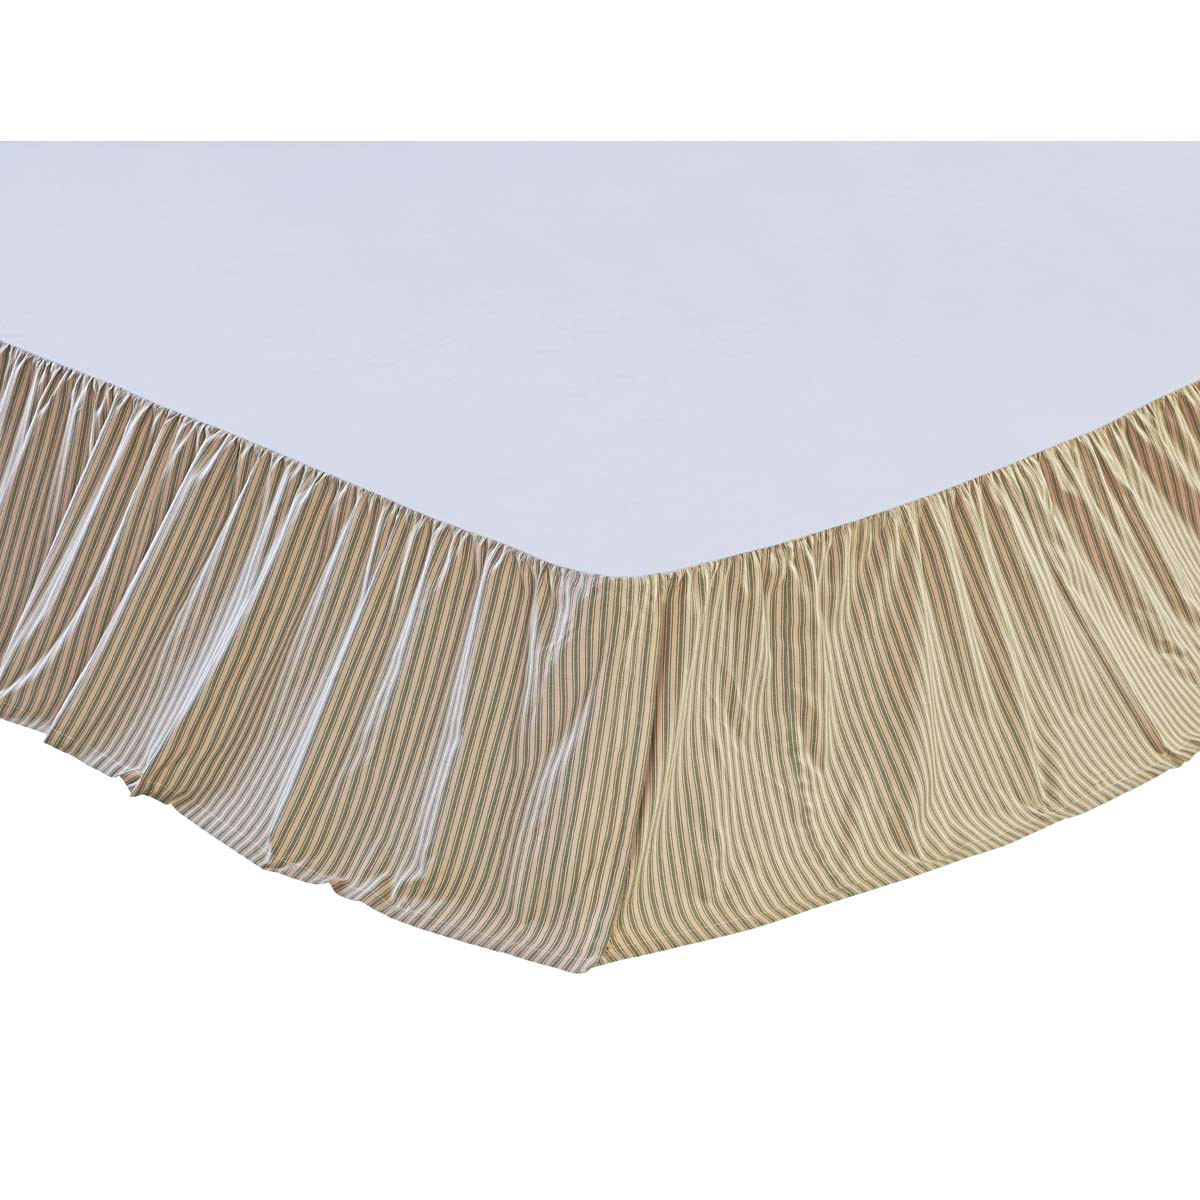 Green Bed Skirt Queen.Prairie Winds Green Ticking Stripe Bed Skirt Striped